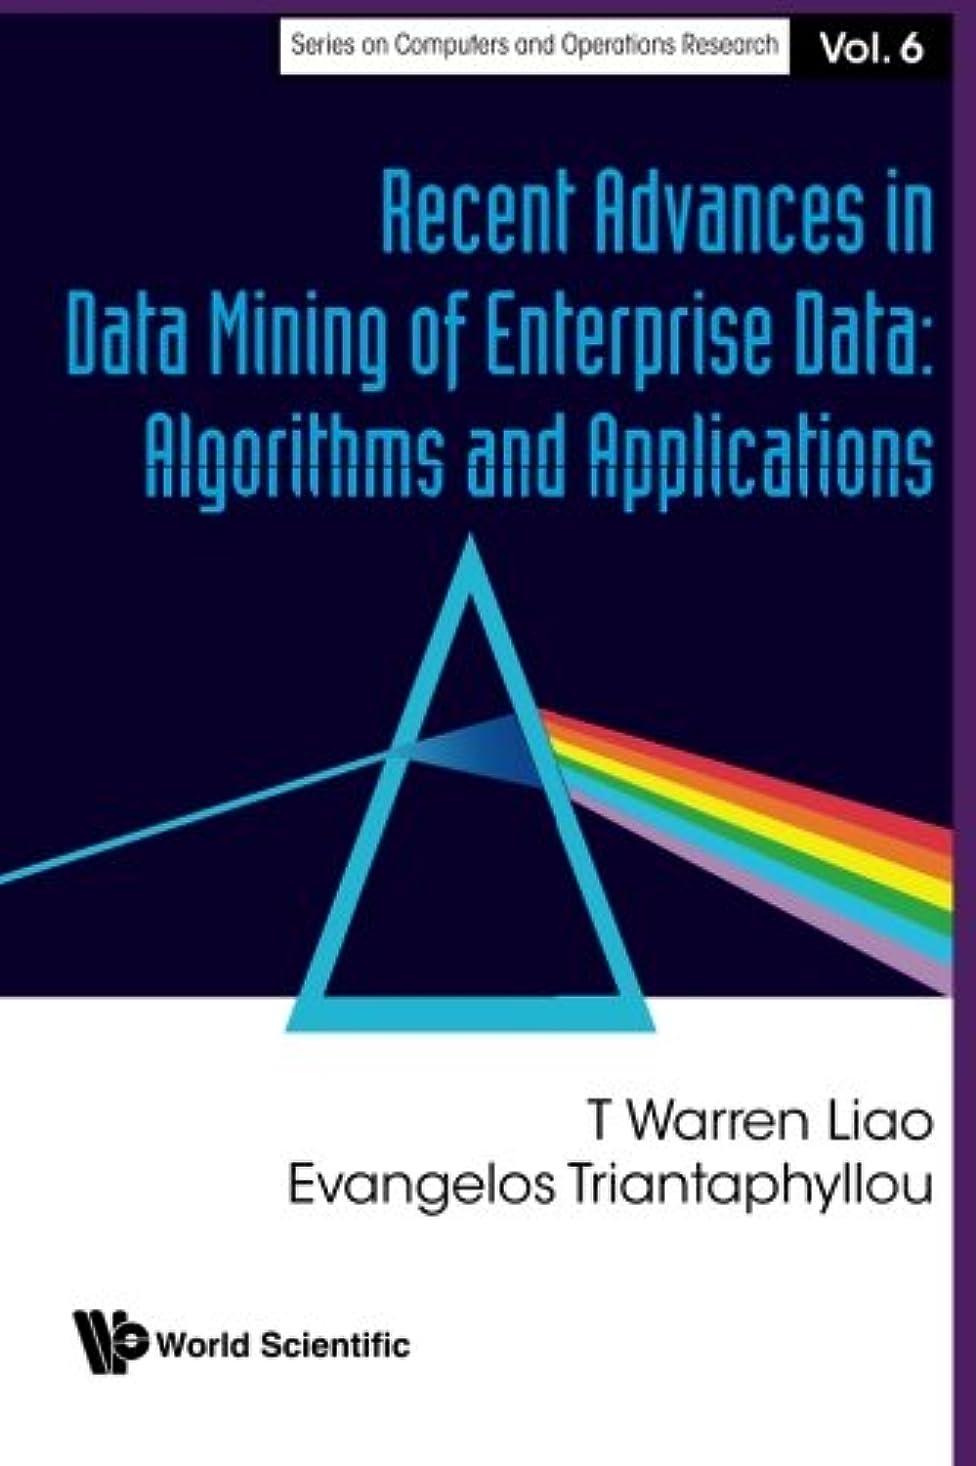 スローシャットカロリーRecent Advances In Data Mining Of Enterprise Data: Algorithms And Applications